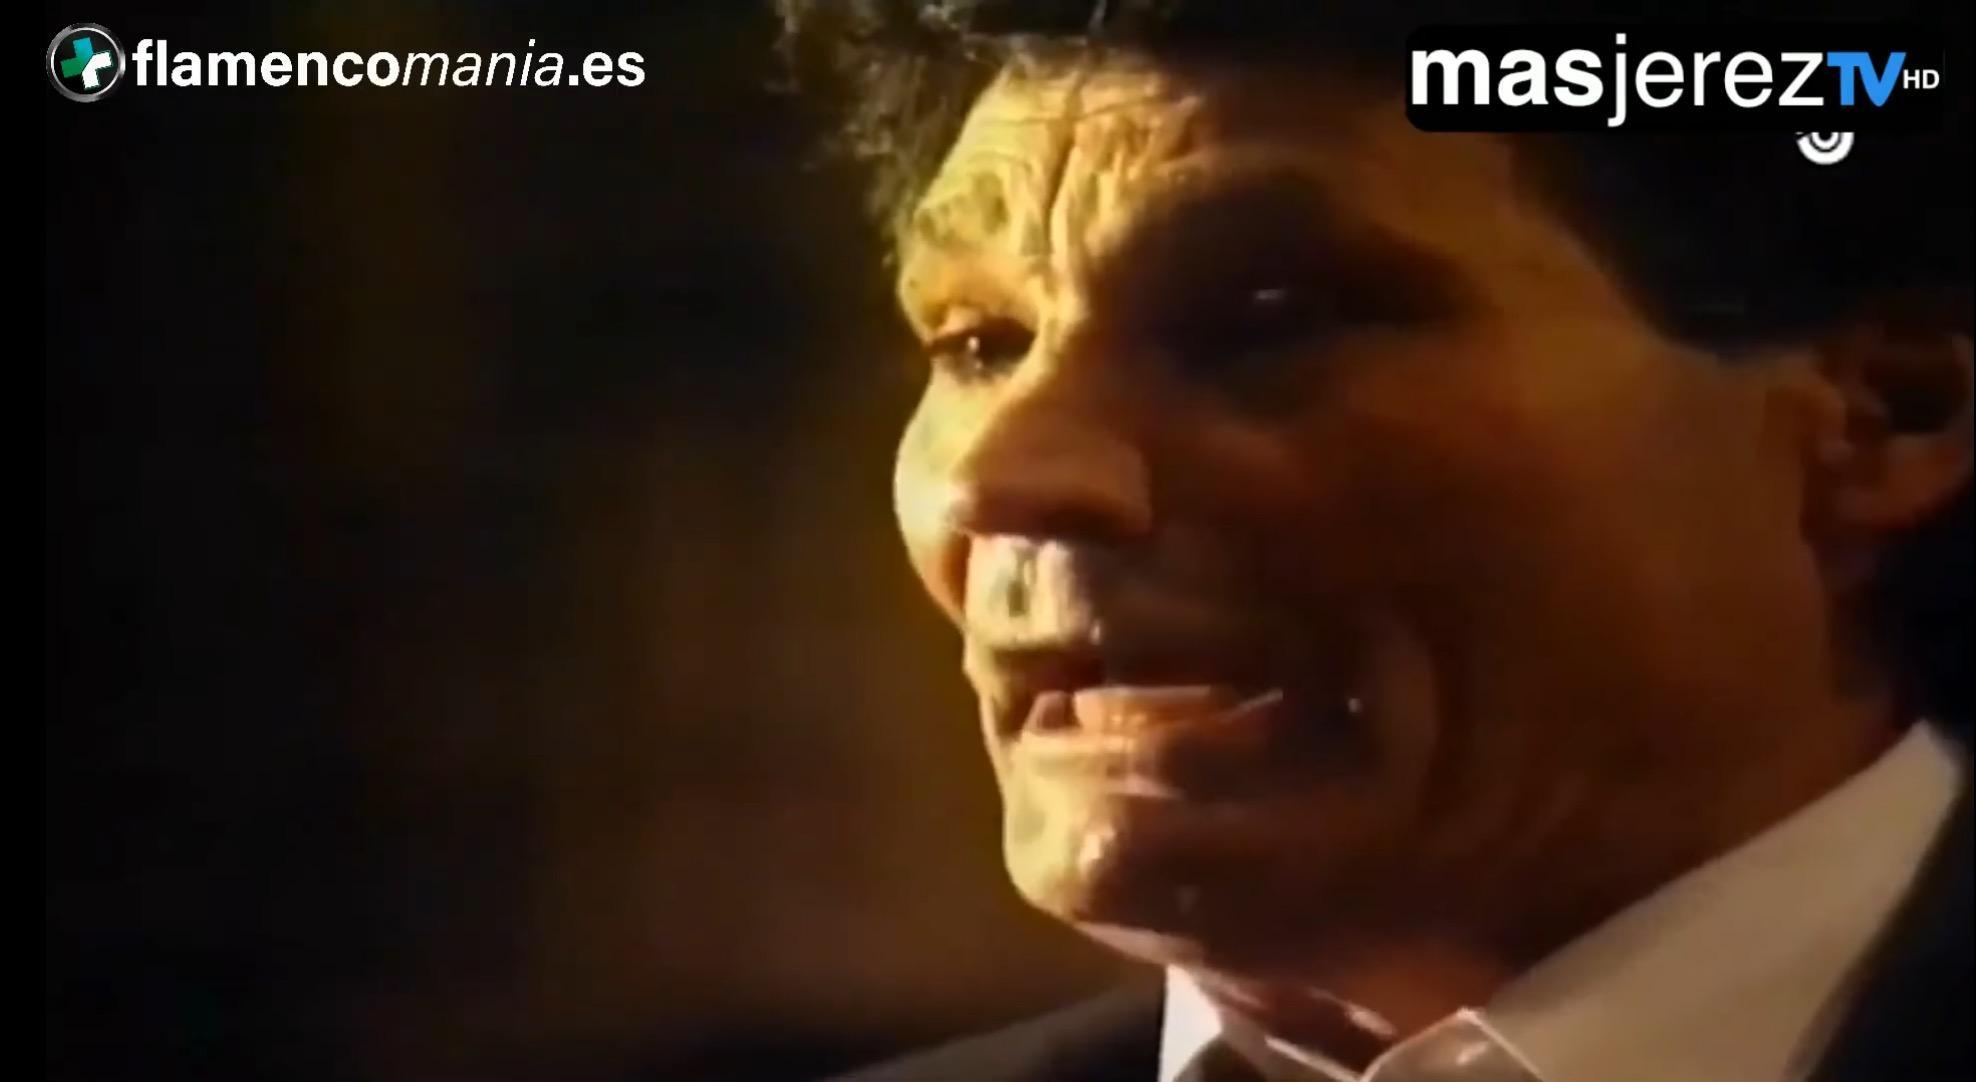 Flamencomanía TV: YoMeQuedoEnCasa - Día 18 - Así canta saetas Jerez (II)